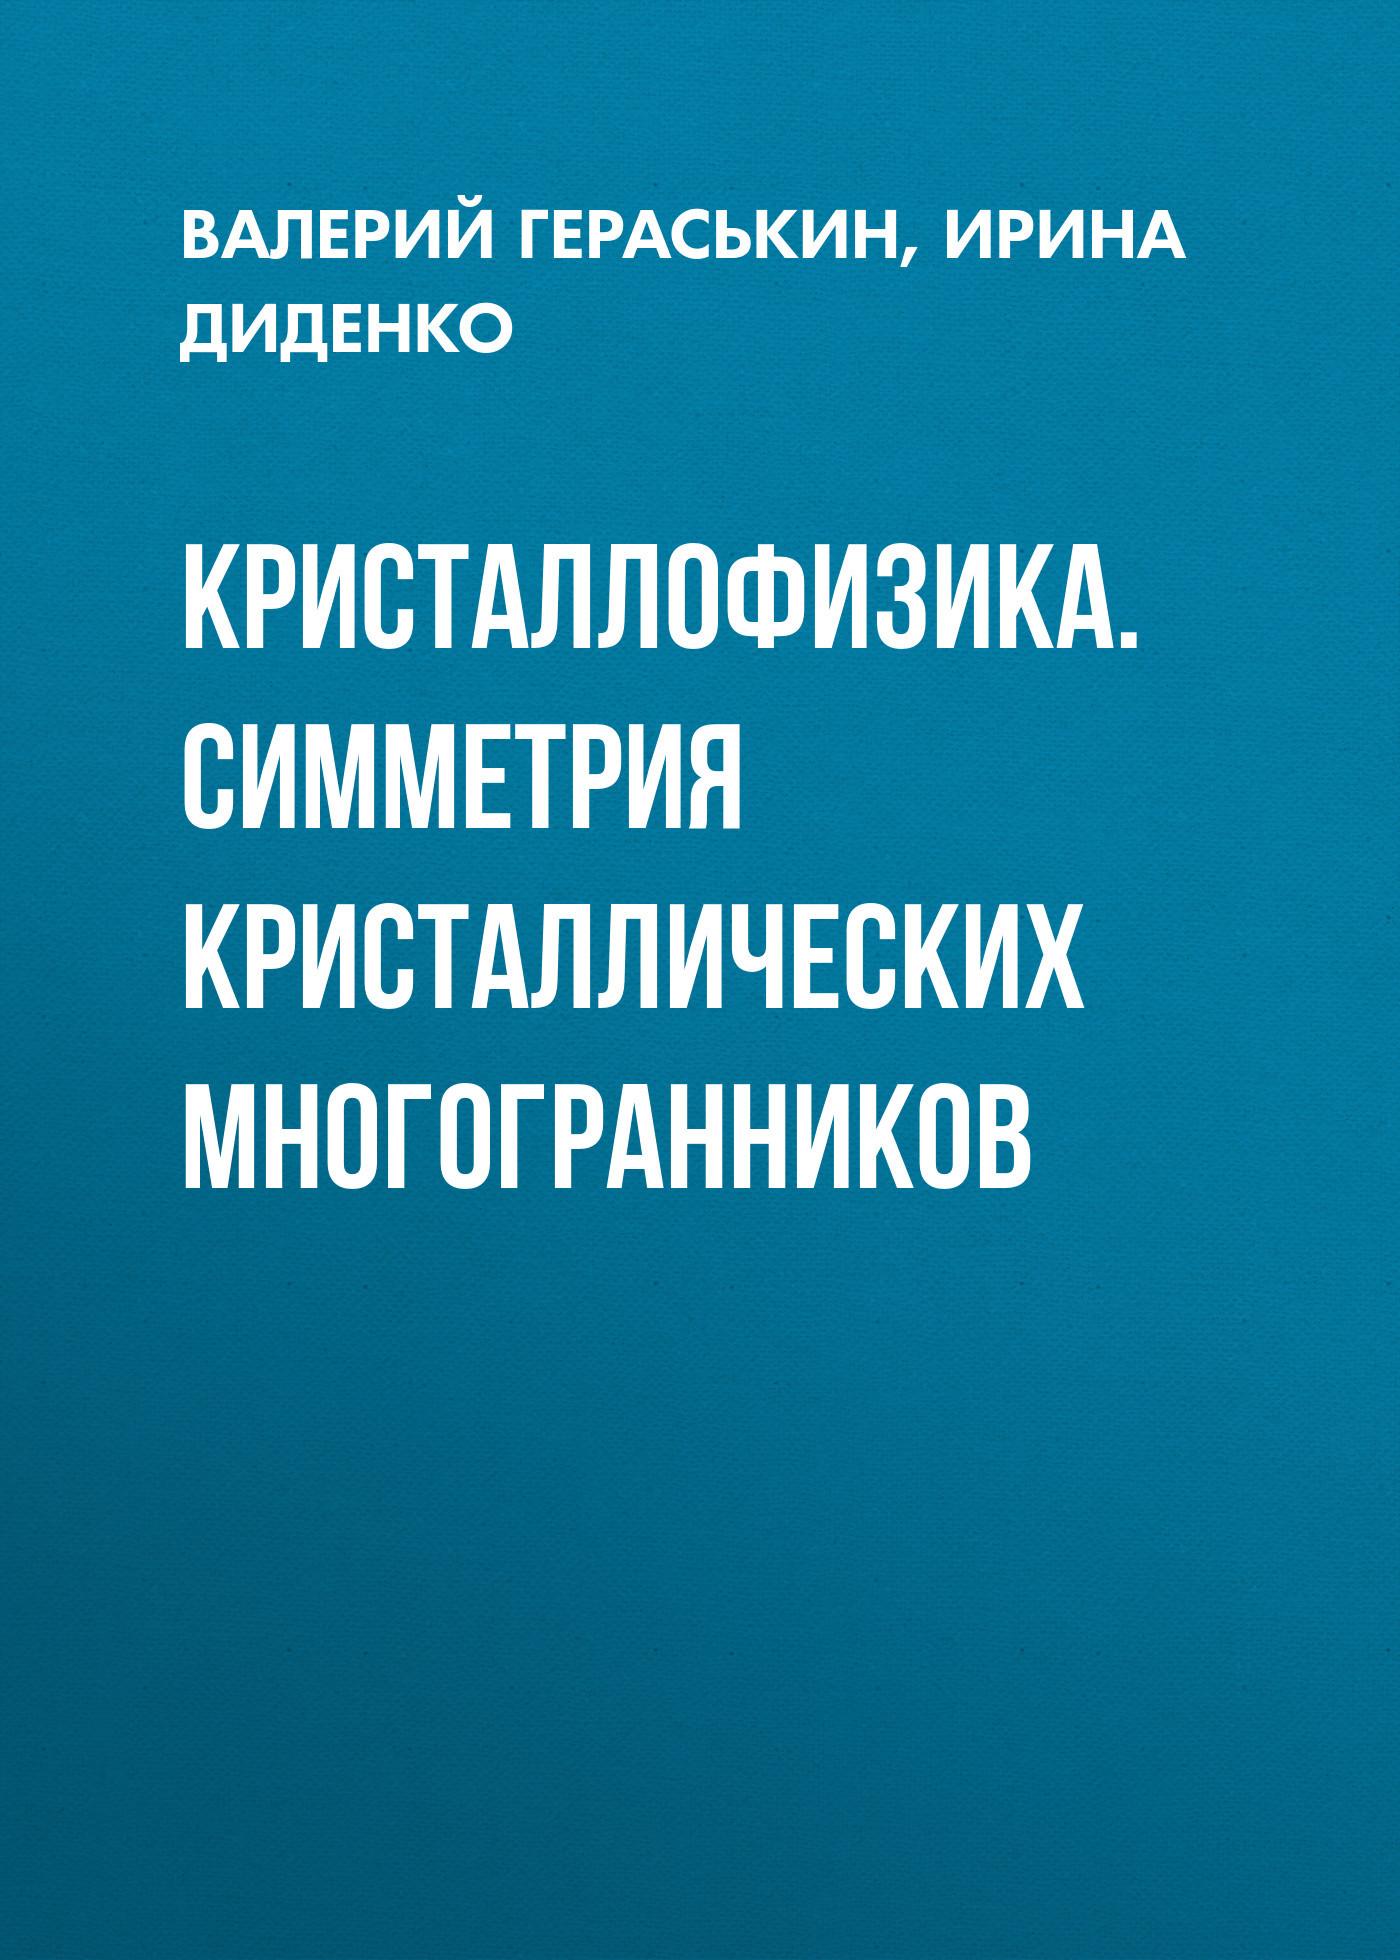 Книга притягивает взоры 35/94/61/35946147.bin.dir/35946147.cover.jpg обложка